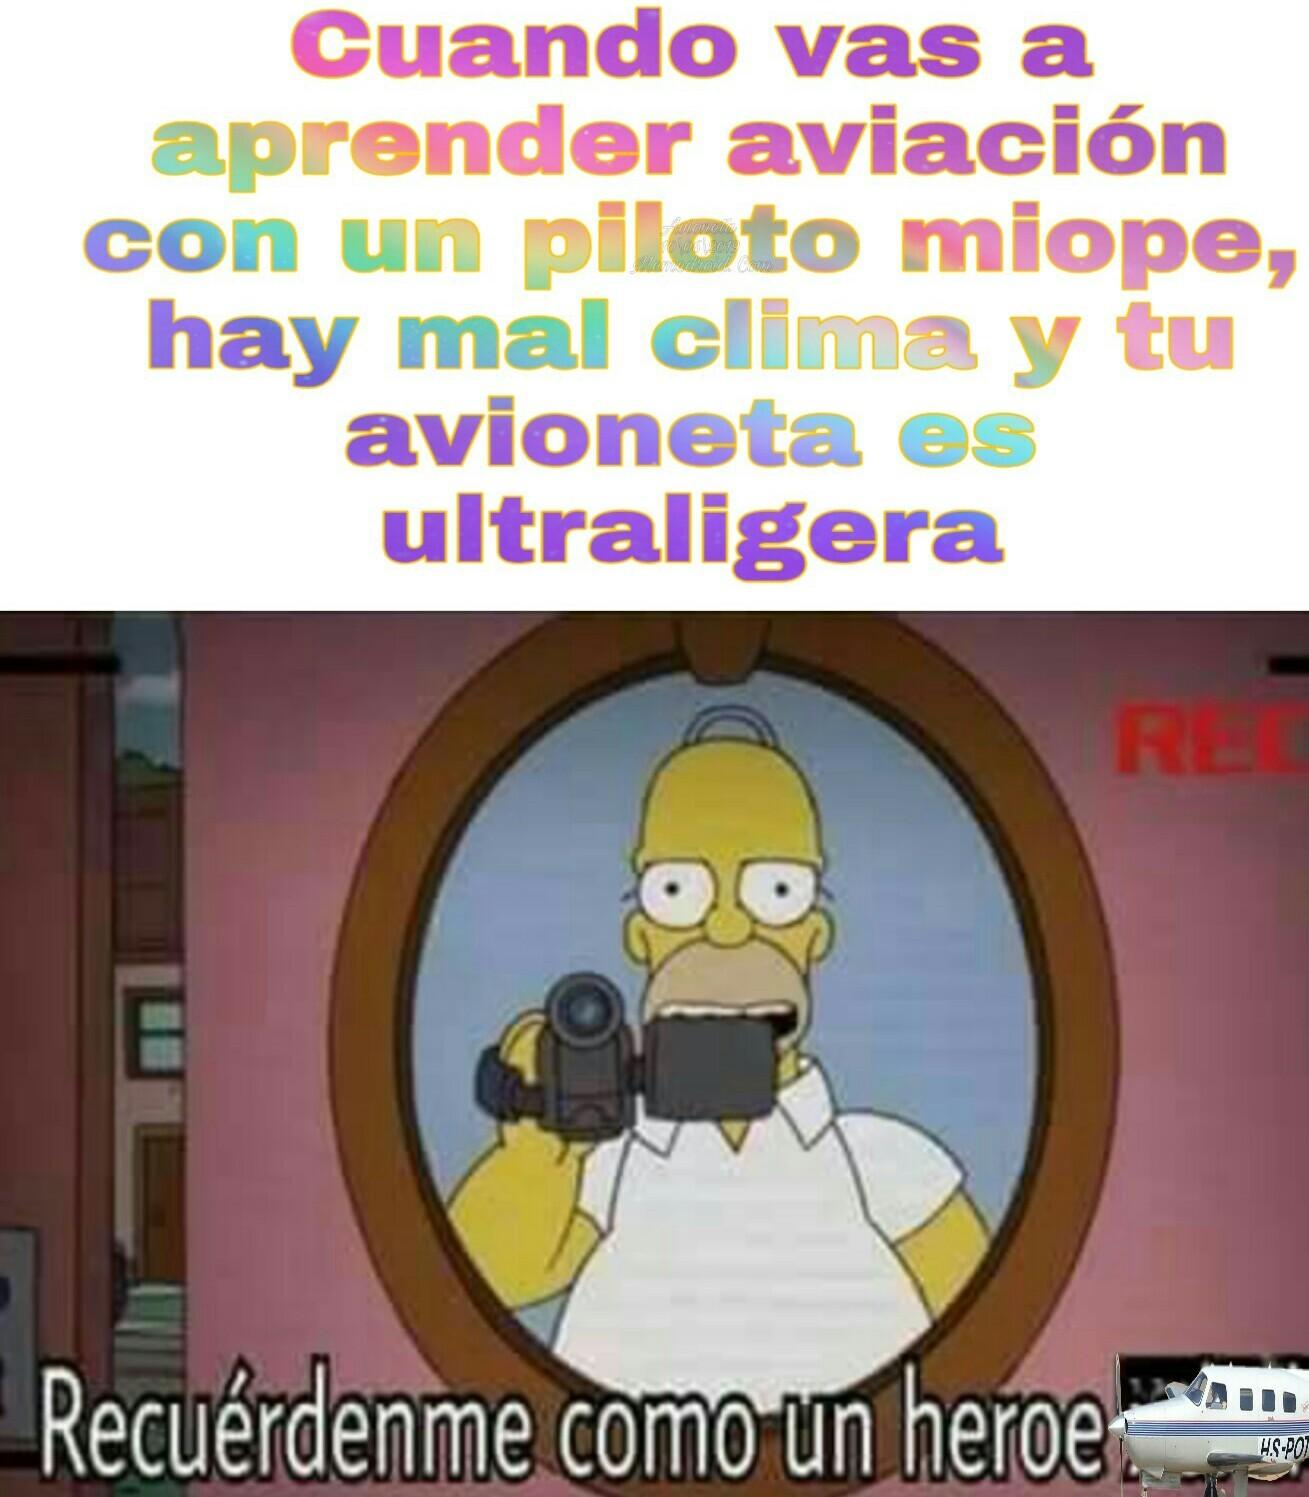 A las avionetas ultraligeras no las controlan por radar como a las demás, una razón mas para morir - meme